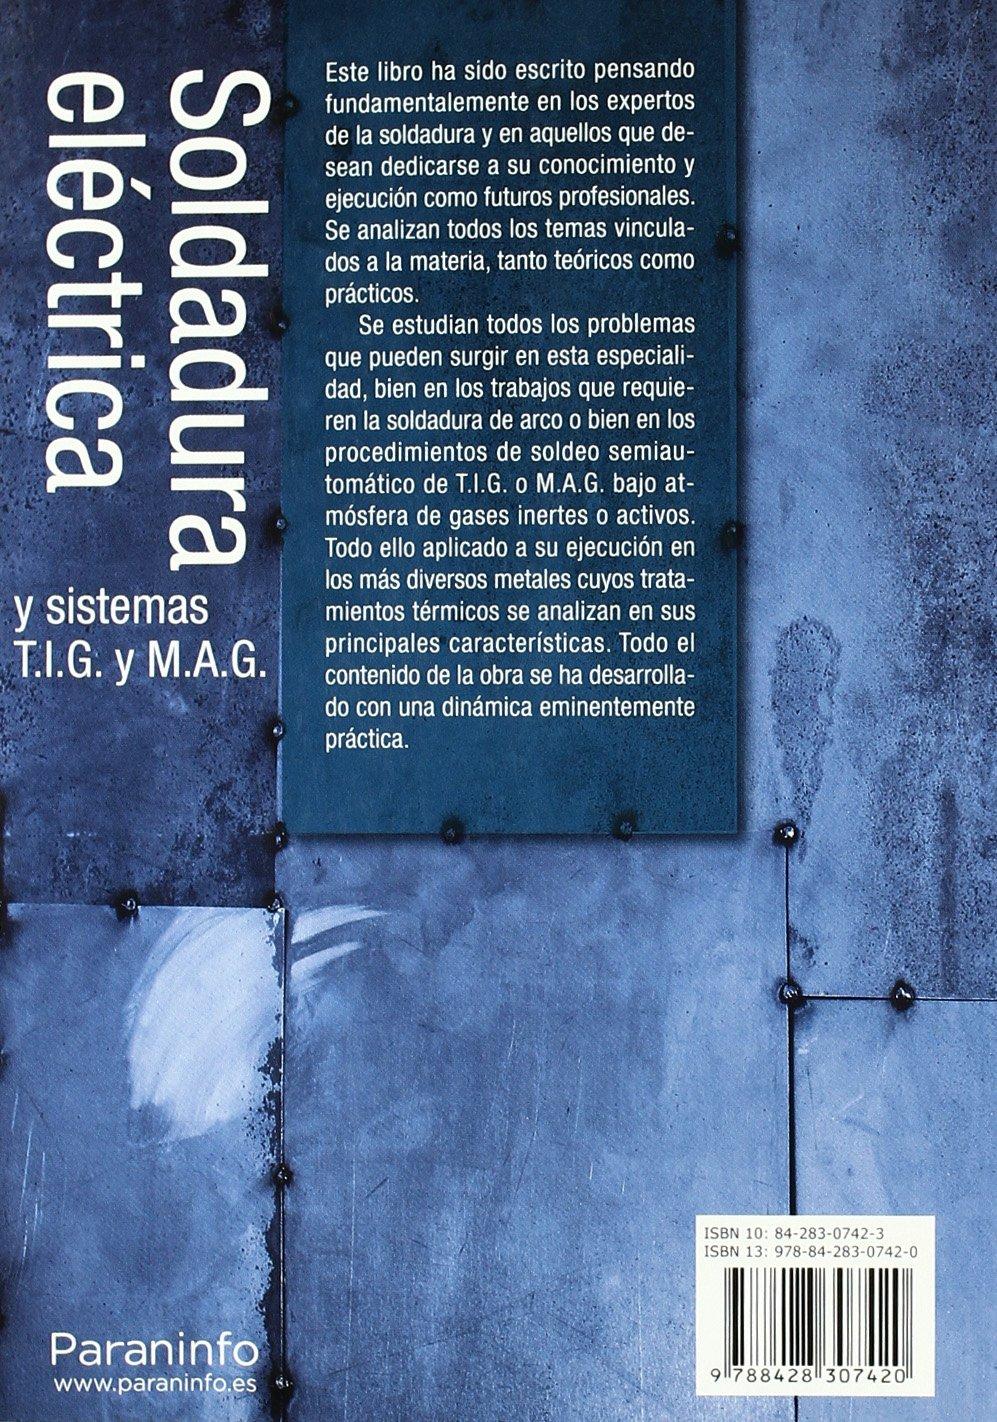 Soldadura Electrica - Y Sistemas TIG y Mag (Spanish Edition): Jose Maria Rivas Arias: 9788428307420: Amazon.com: Books